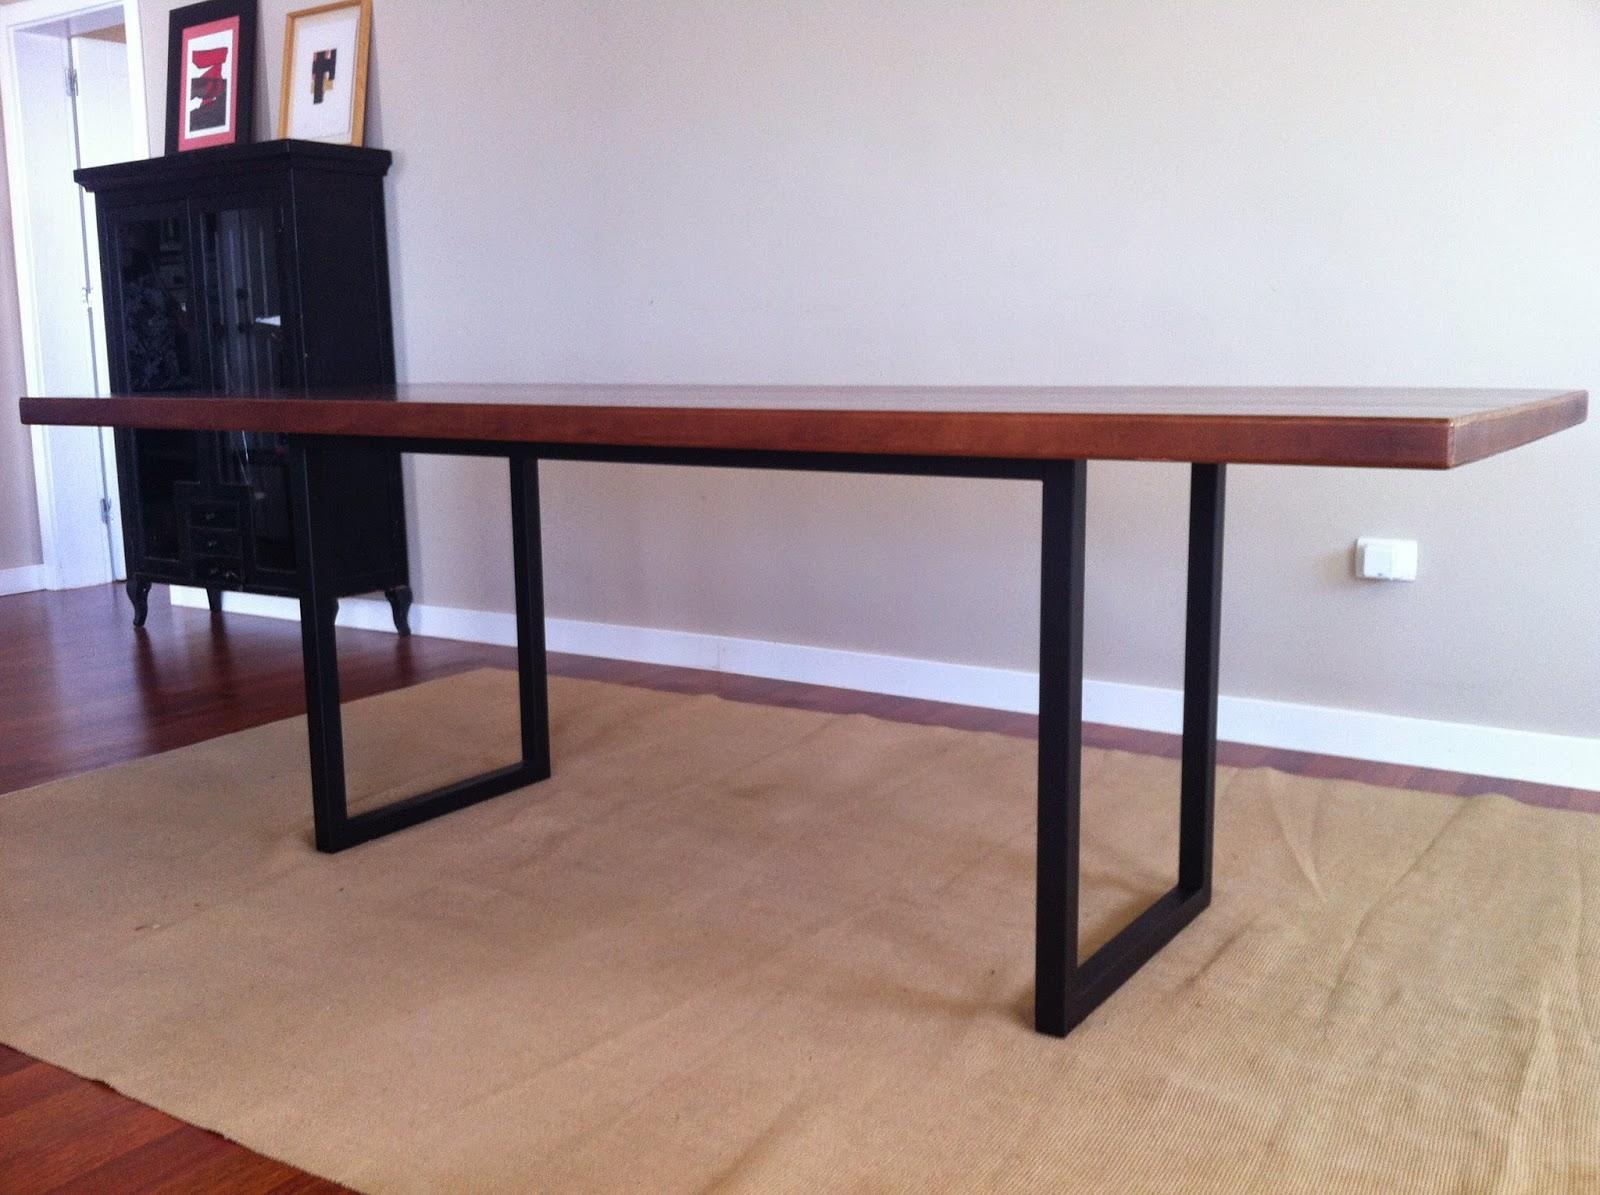 Tatiana doria rastrillo de muebles precios for Bar de madera y fierro